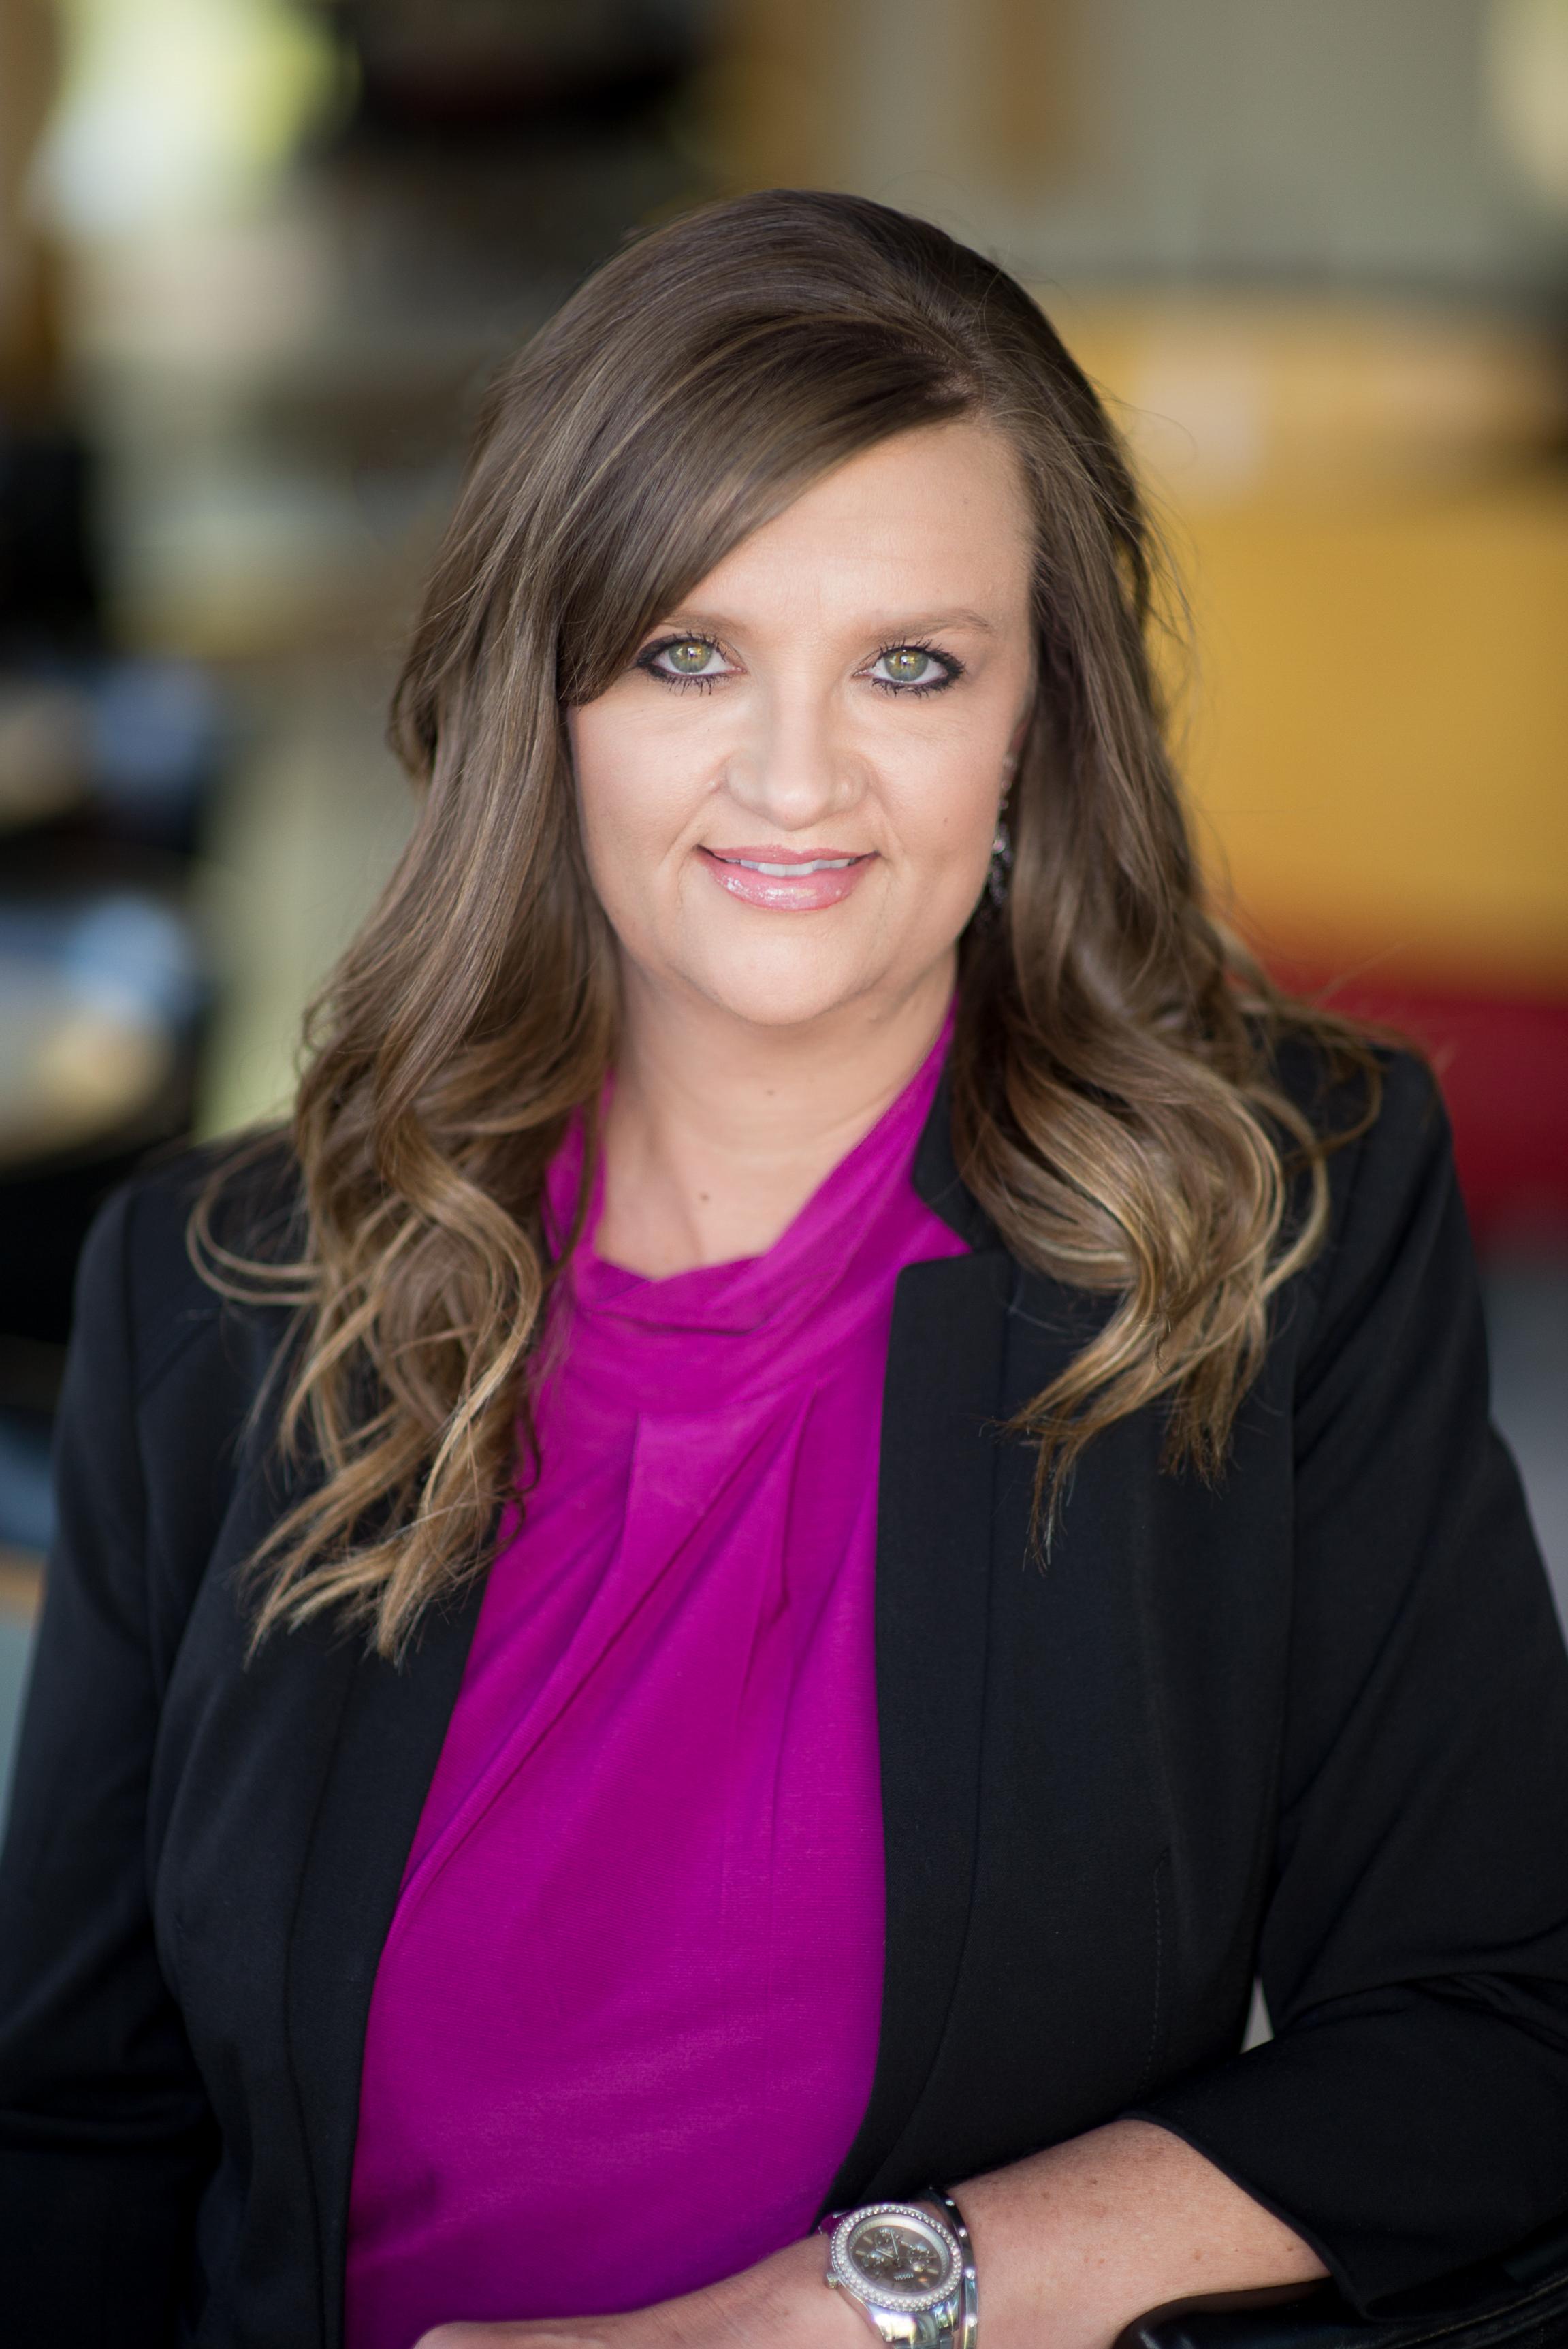 Melissa German